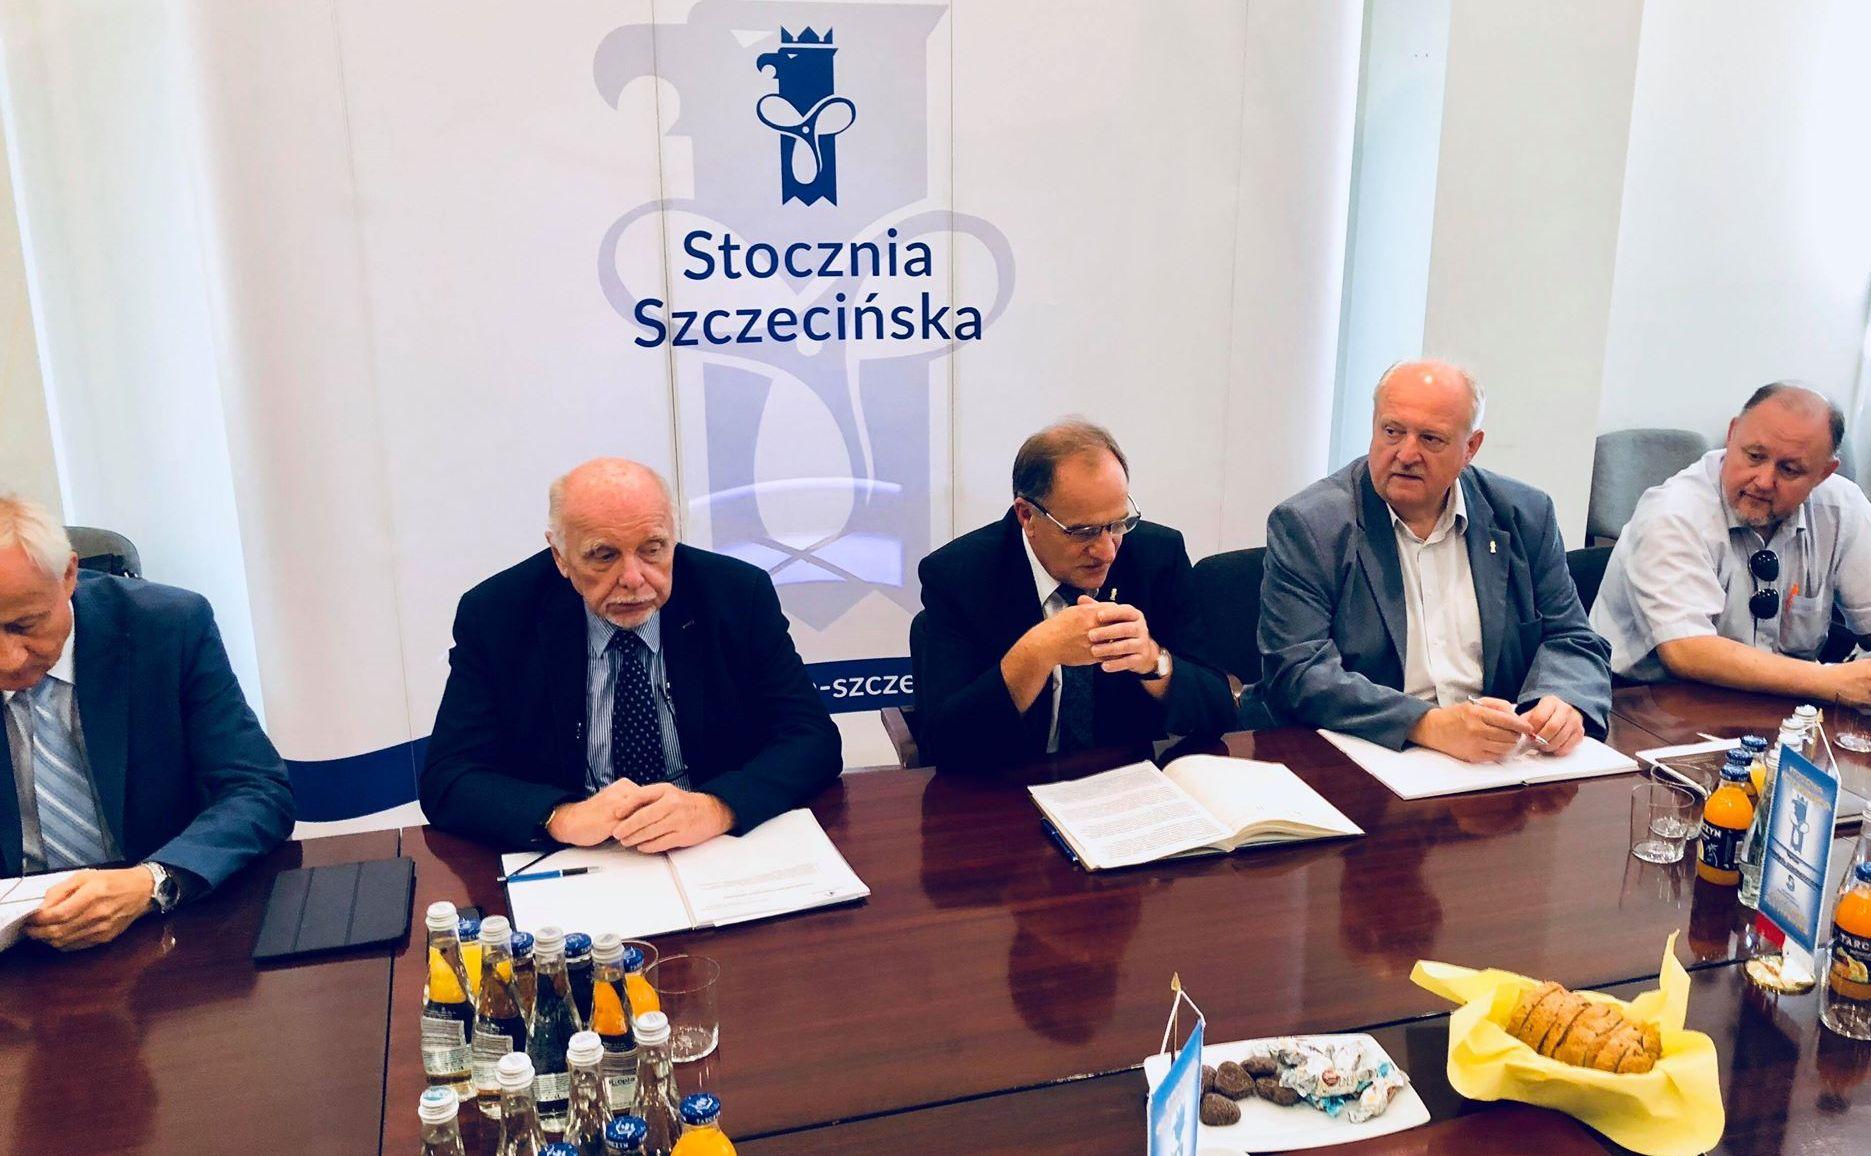 """""""Okrętowcy"""" wspierają  Stocznię Szczecińską i piszą do ministerstwa"""